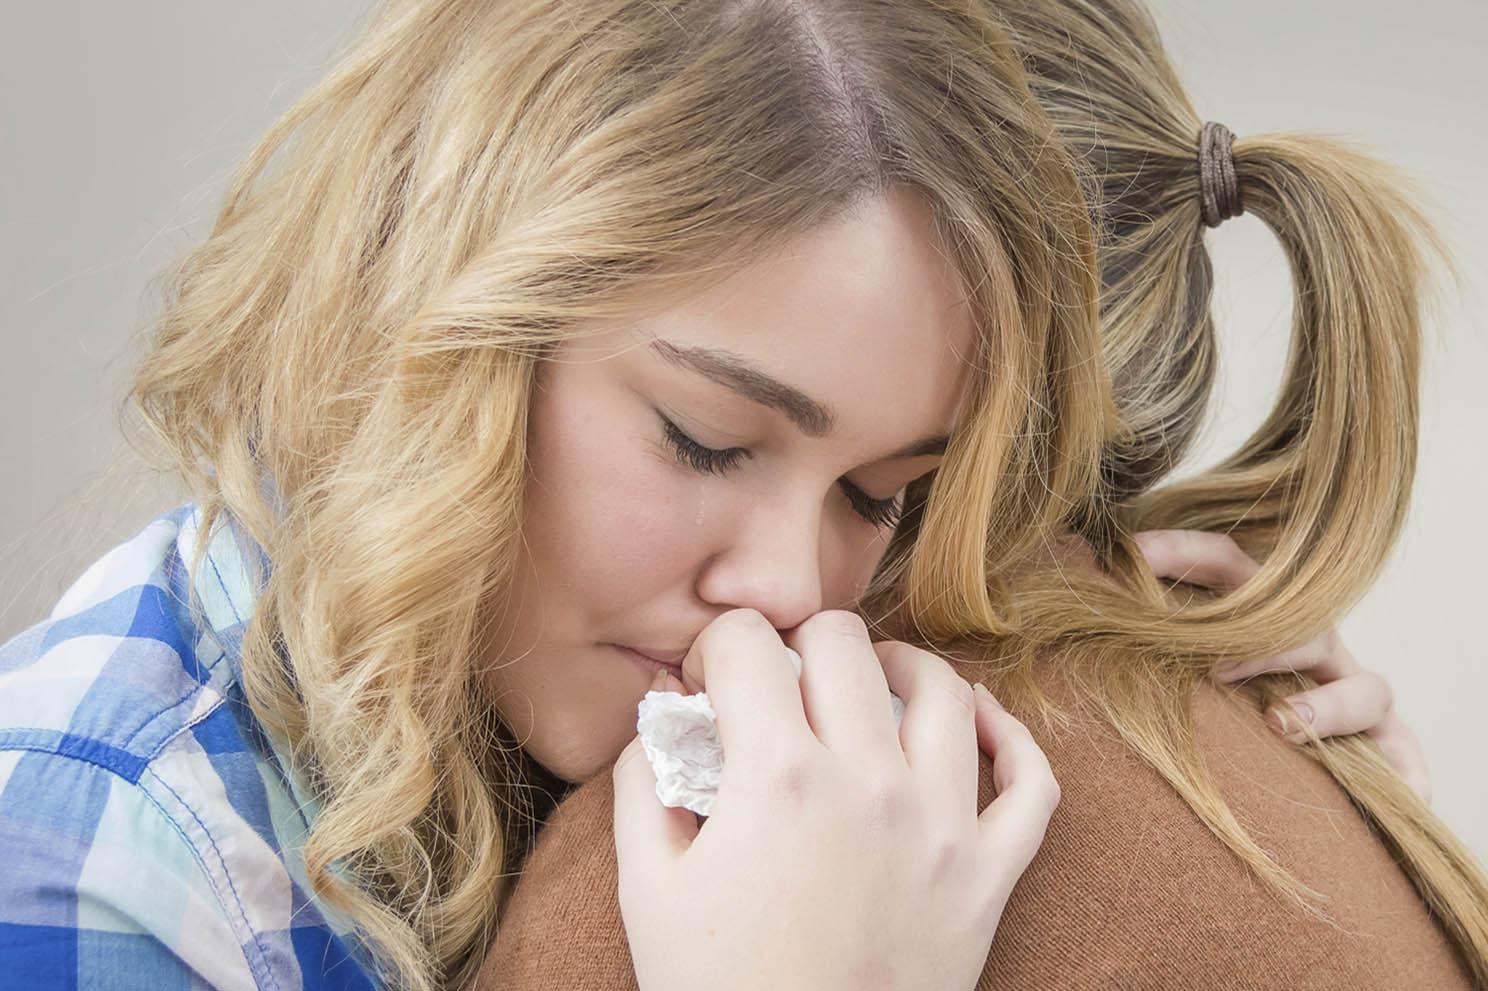 An upset girl hugging an adult